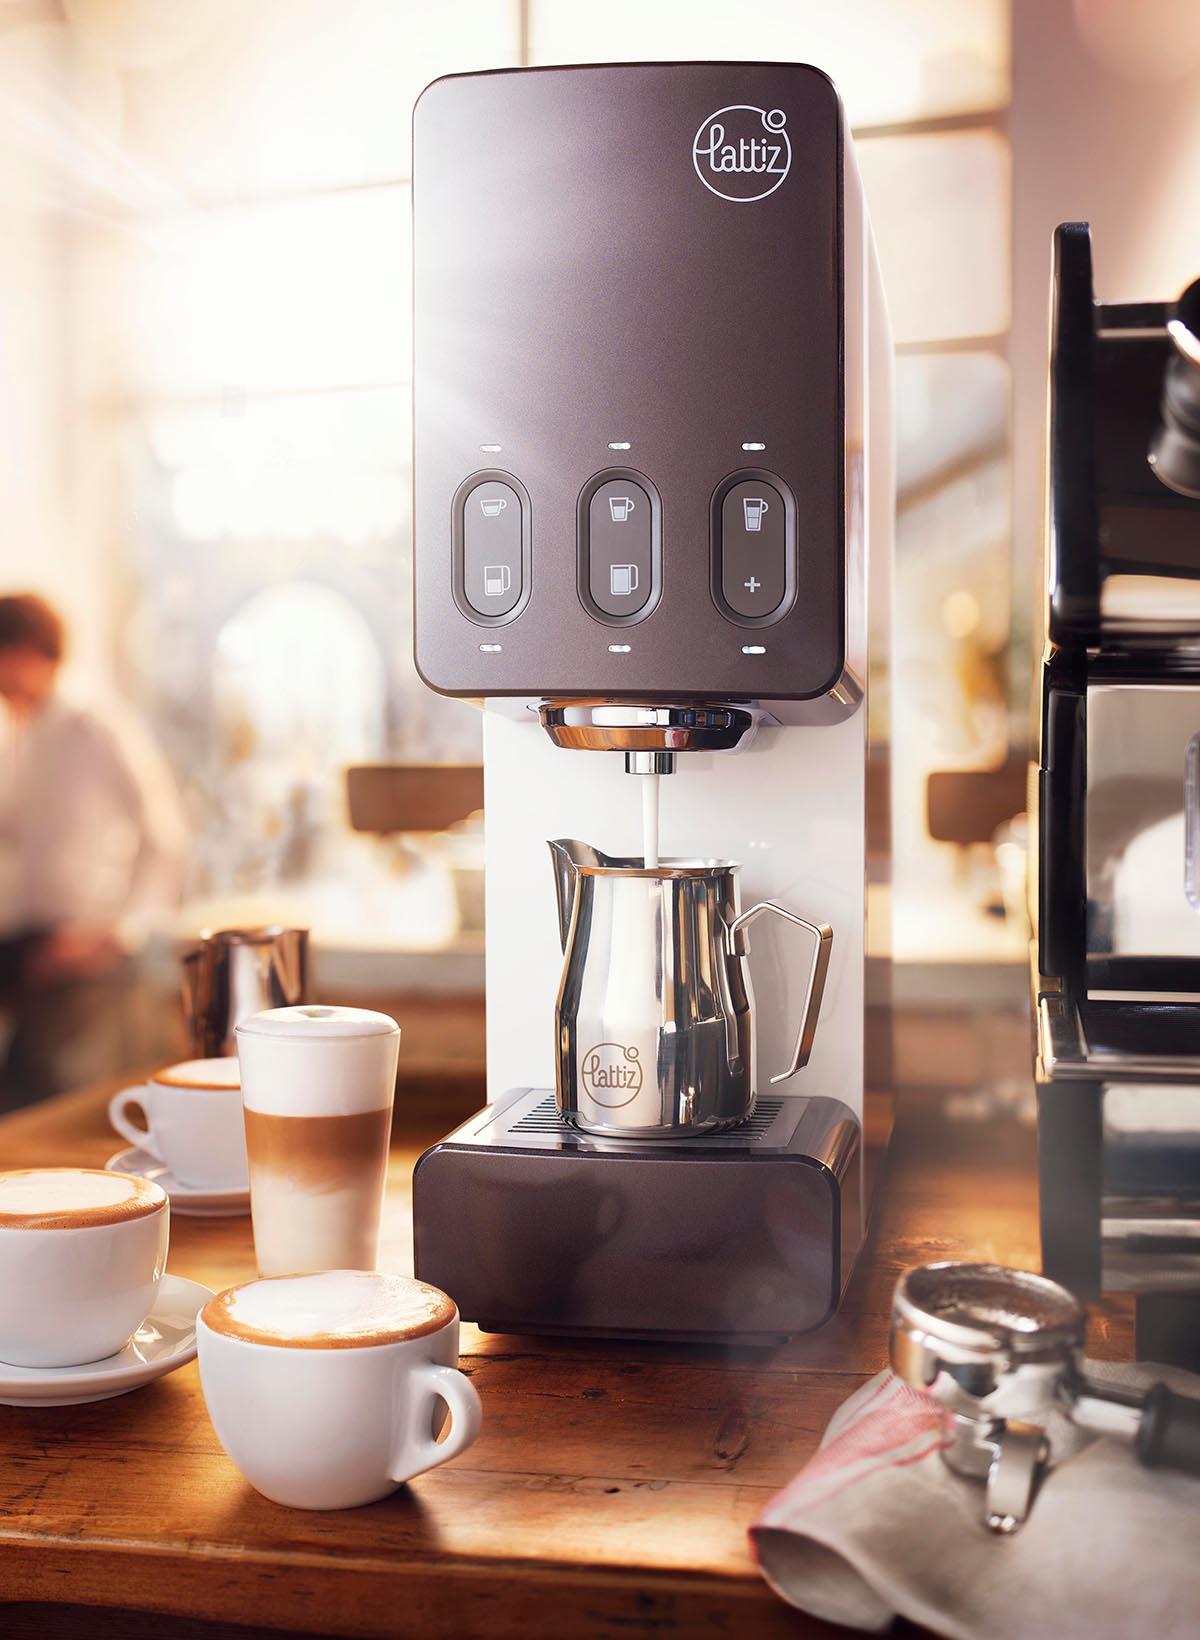 Drank fotografie van een koffiezetapparaat icm kopjes cappucino koffie gemaakt door Studio_m Fotografie Amsterdam